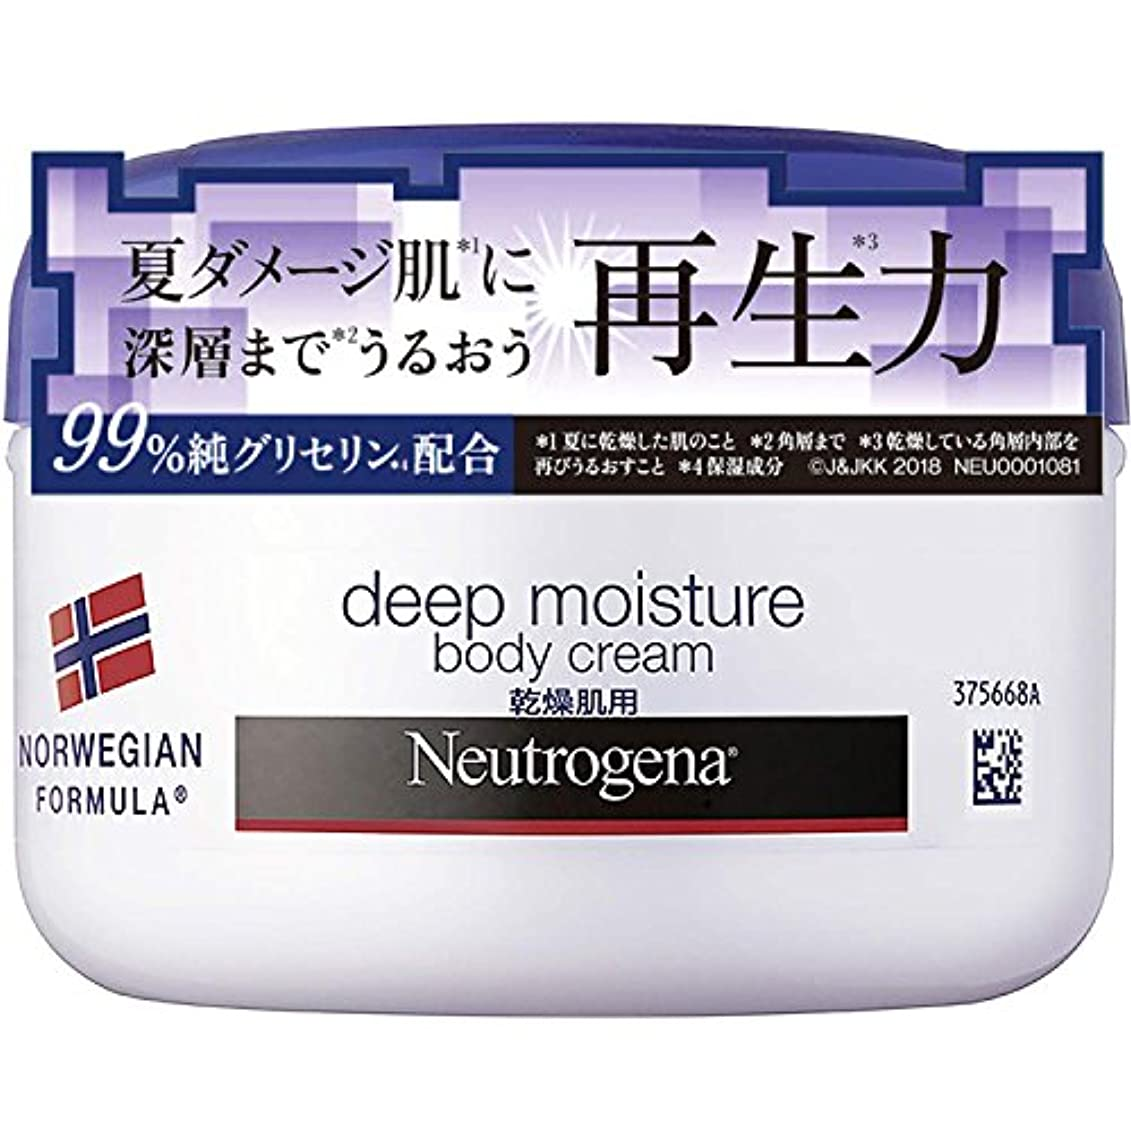 ホイール教育学薬Neutrogena(ニュートロジーナ) ノルウェーフォーミュラ ディープモイスチャー ボディクリーム 乾燥肌用 微香性 200ml